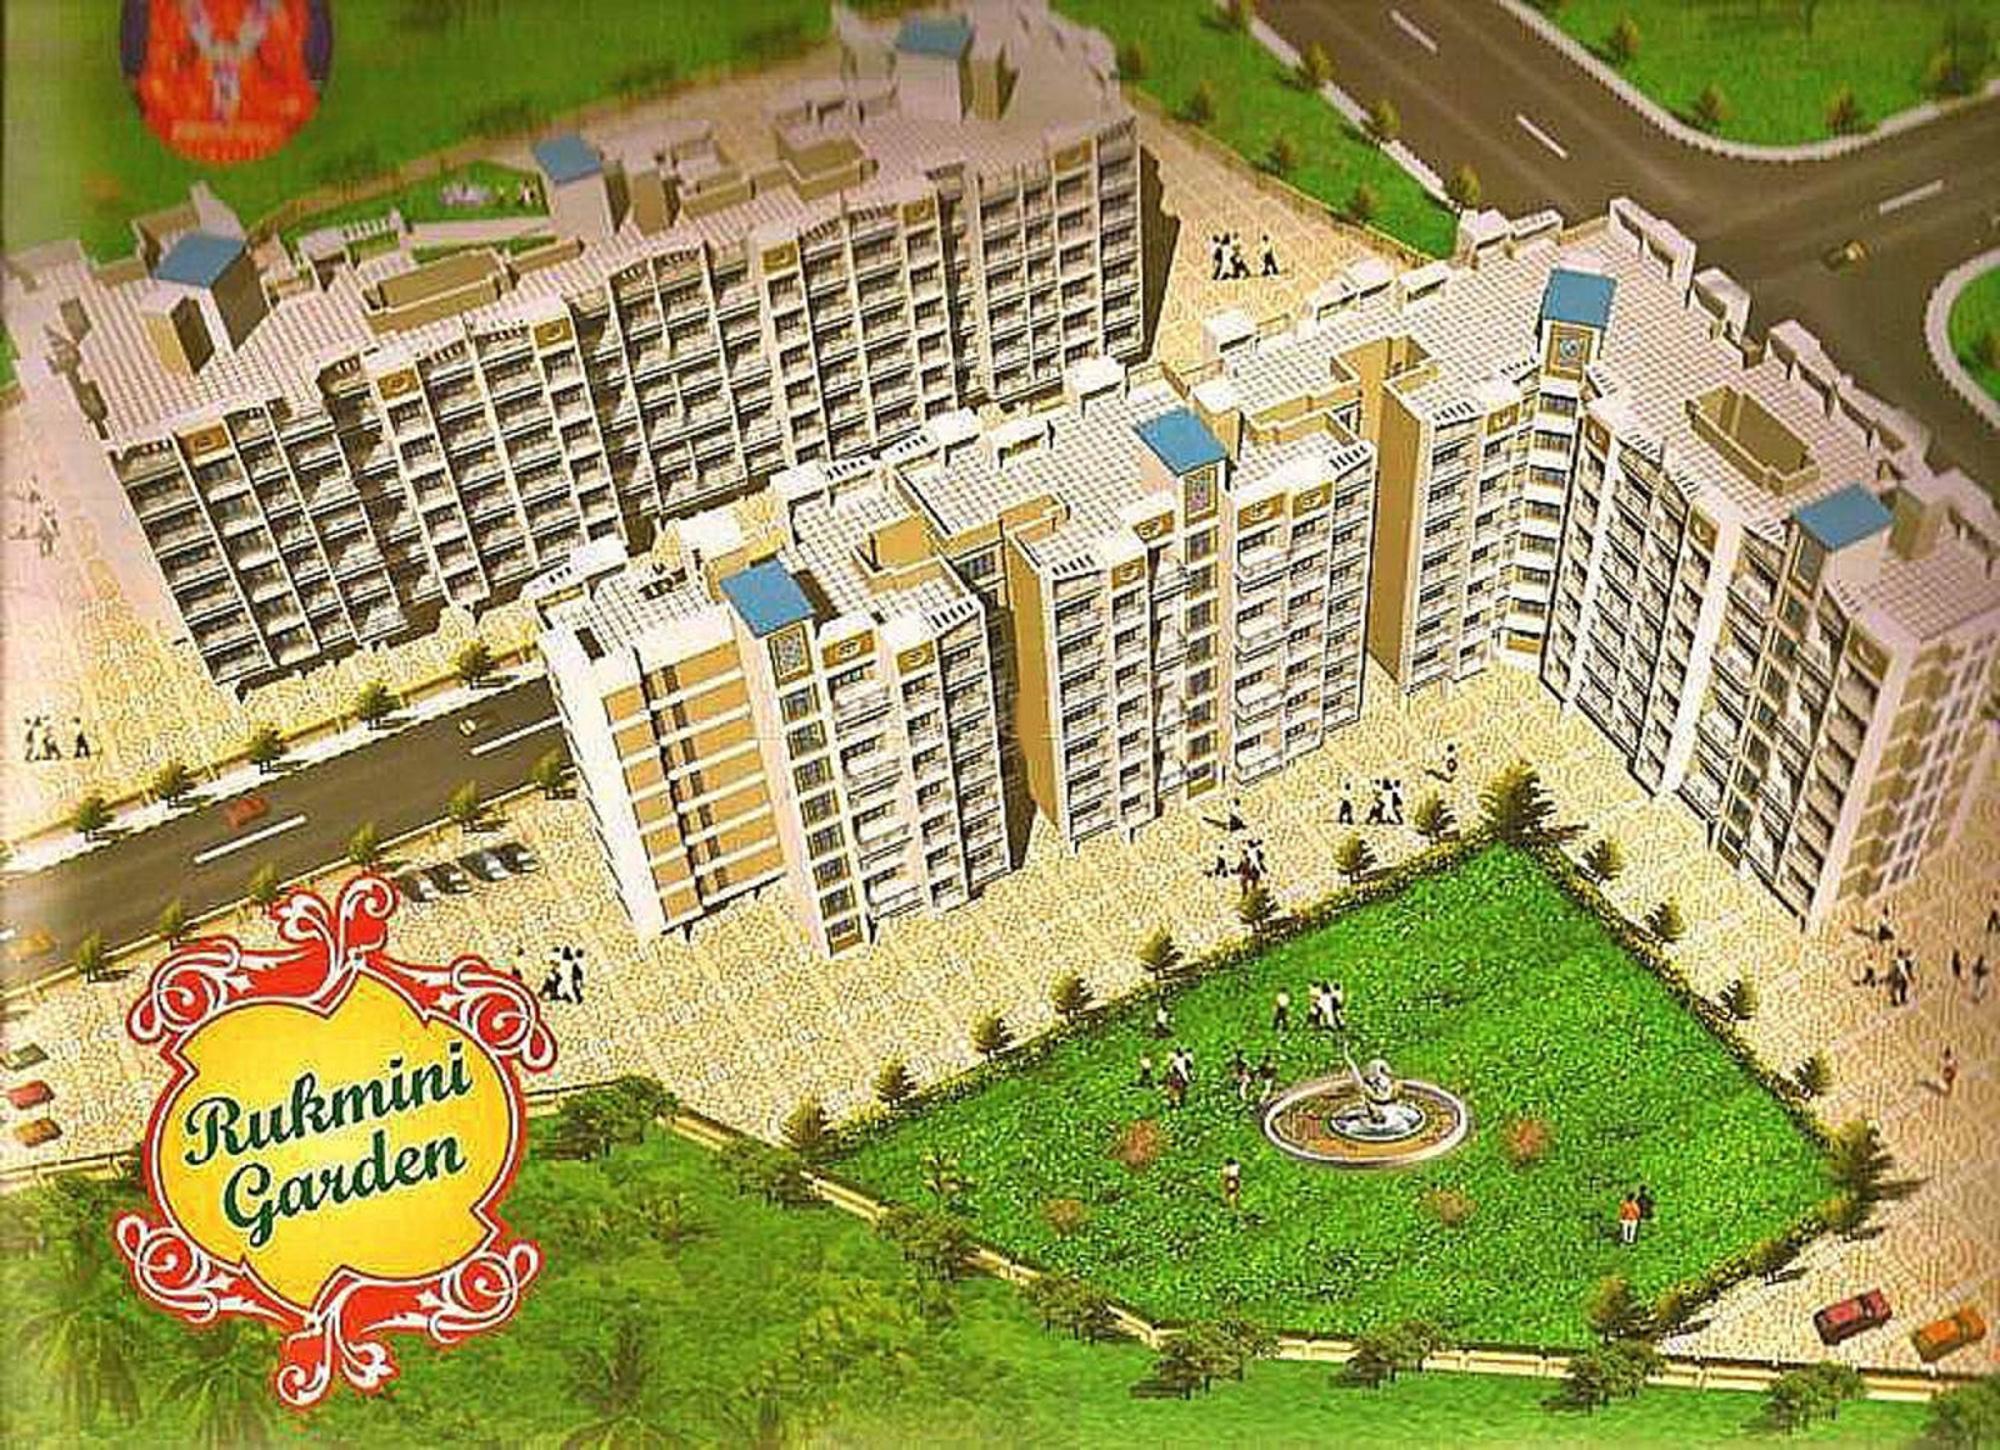 Rukmini garden building no 2 in titwala mumbai price - Titwala farmhouse with swimming pool ...